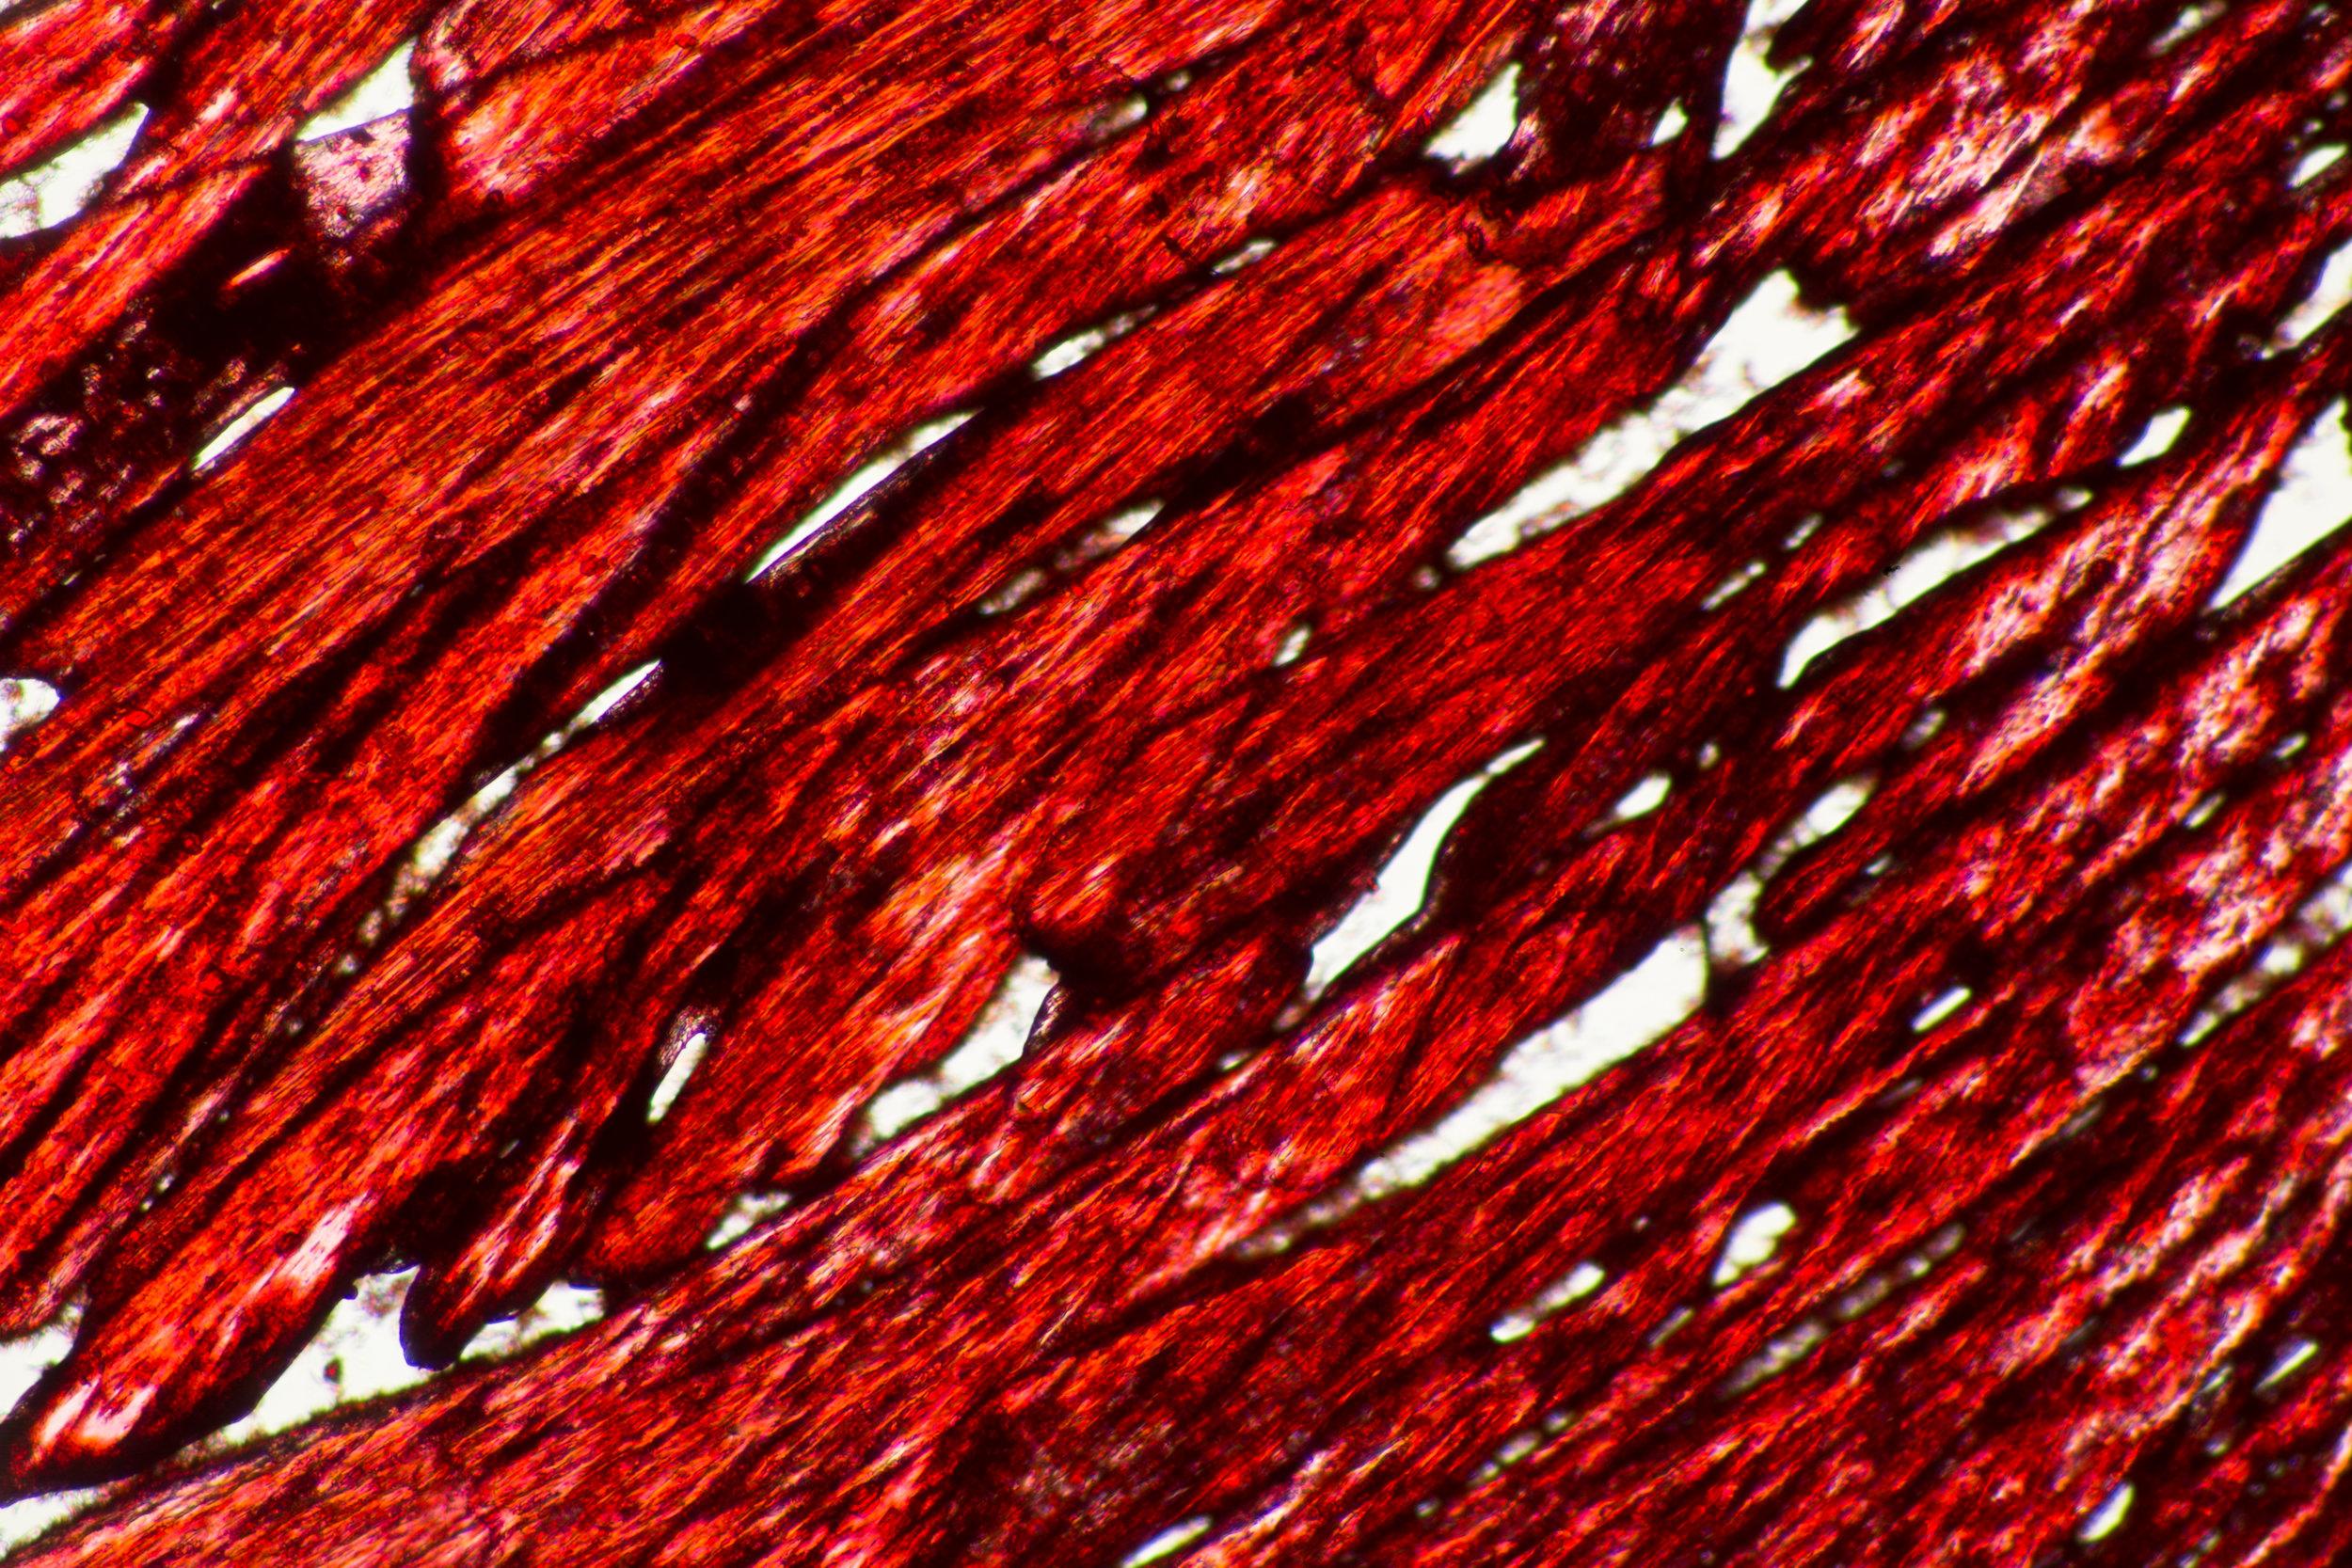 Microscopy_8.jpg